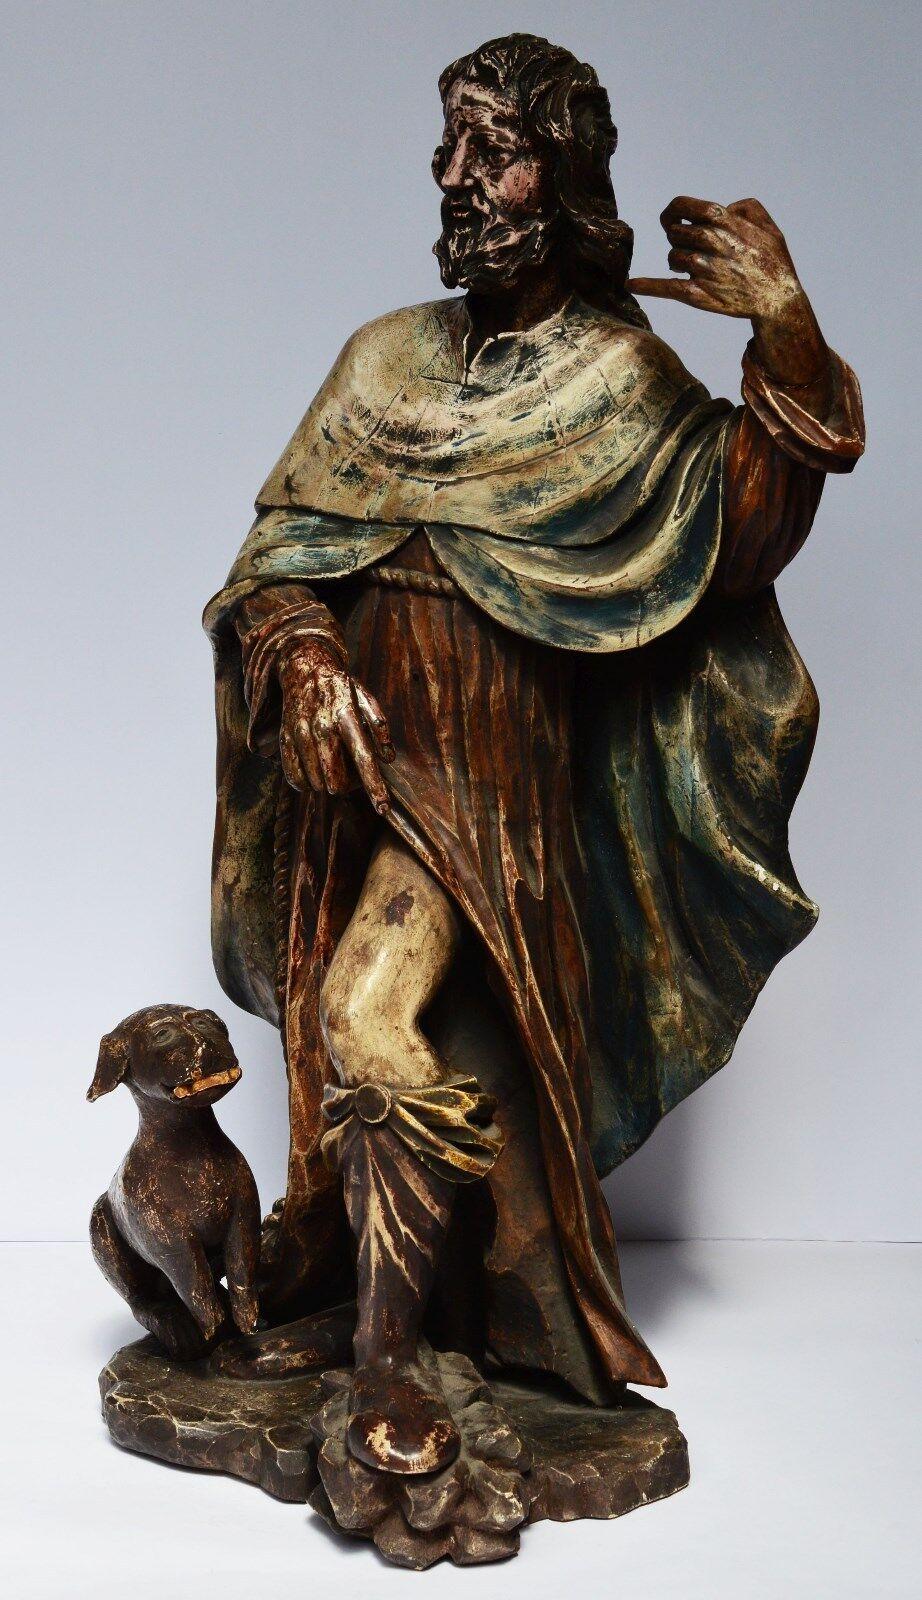 heiliger rochus holzfigur skulptur holz geschnitzt gefasst 18 jh h 71 cm eur. Black Bedroom Furniture Sets. Home Design Ideas